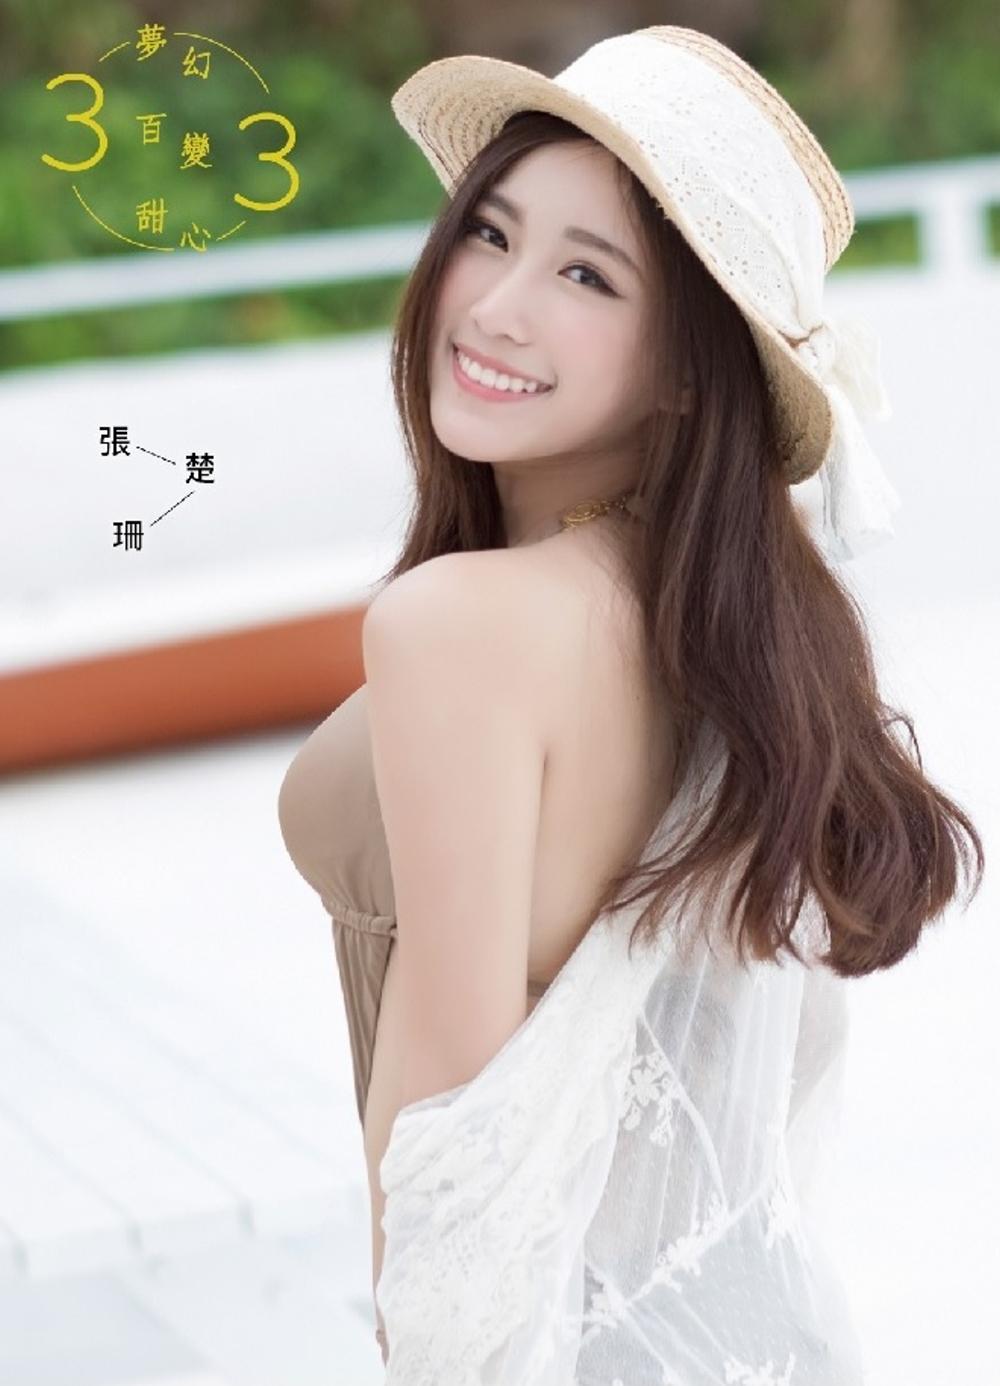 ◤博客來BOOKS◢ 暢銷書榜《推薦》夢幻百變甜心:張楚珊(隨機附贈同名微熱甜心或蜜糖甜心海報1張)